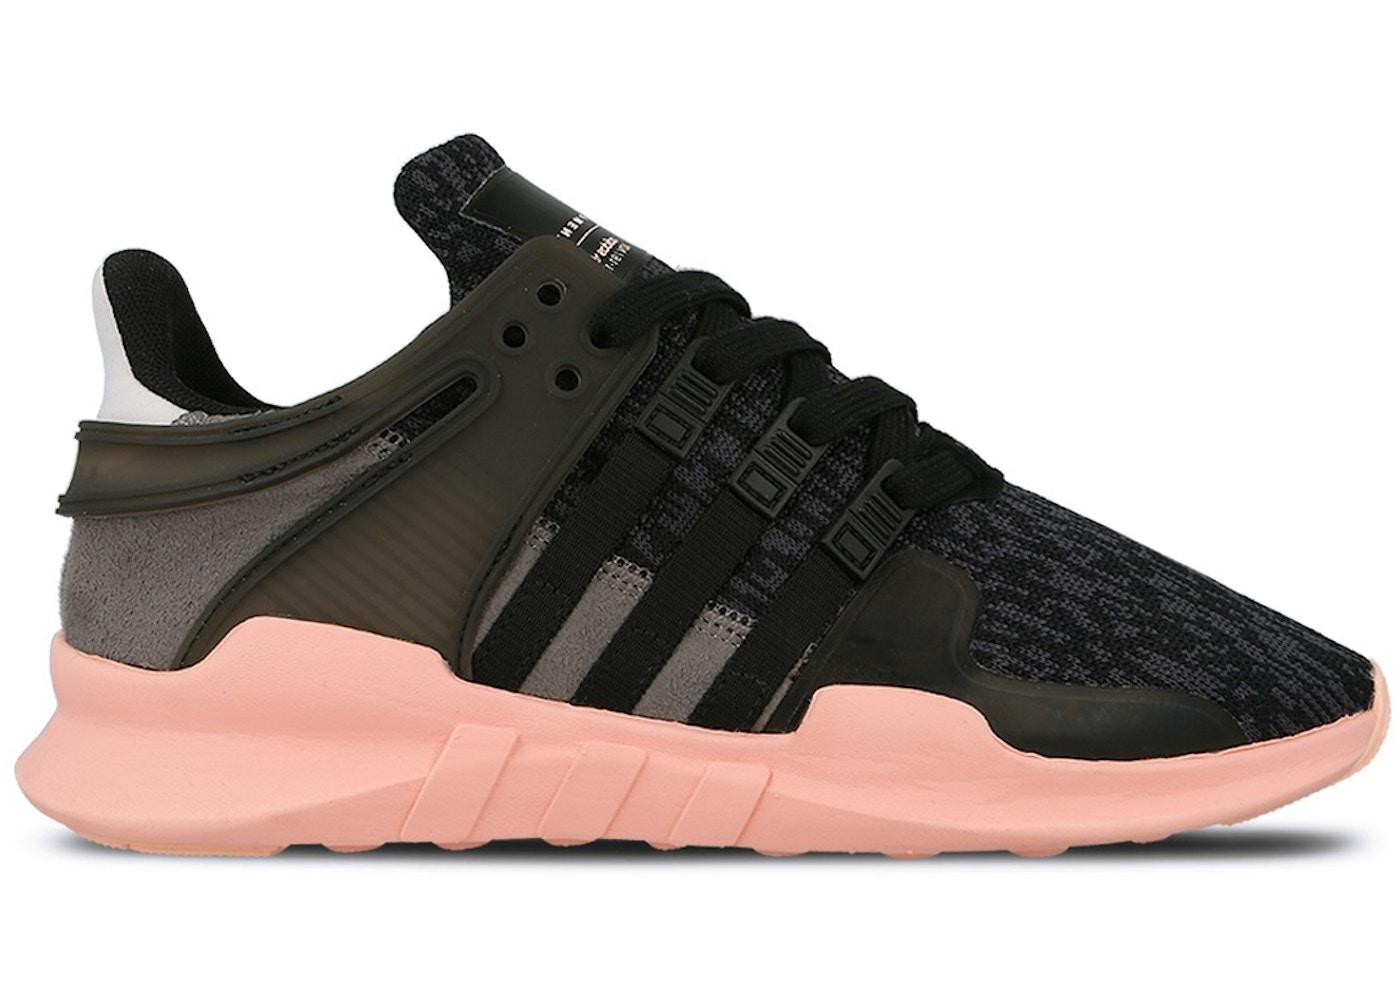 Adidas EQT Hielo Support (W) ADV EQT Core Negro Hielo Púrpura (W) 036e16c - hotlink.pw